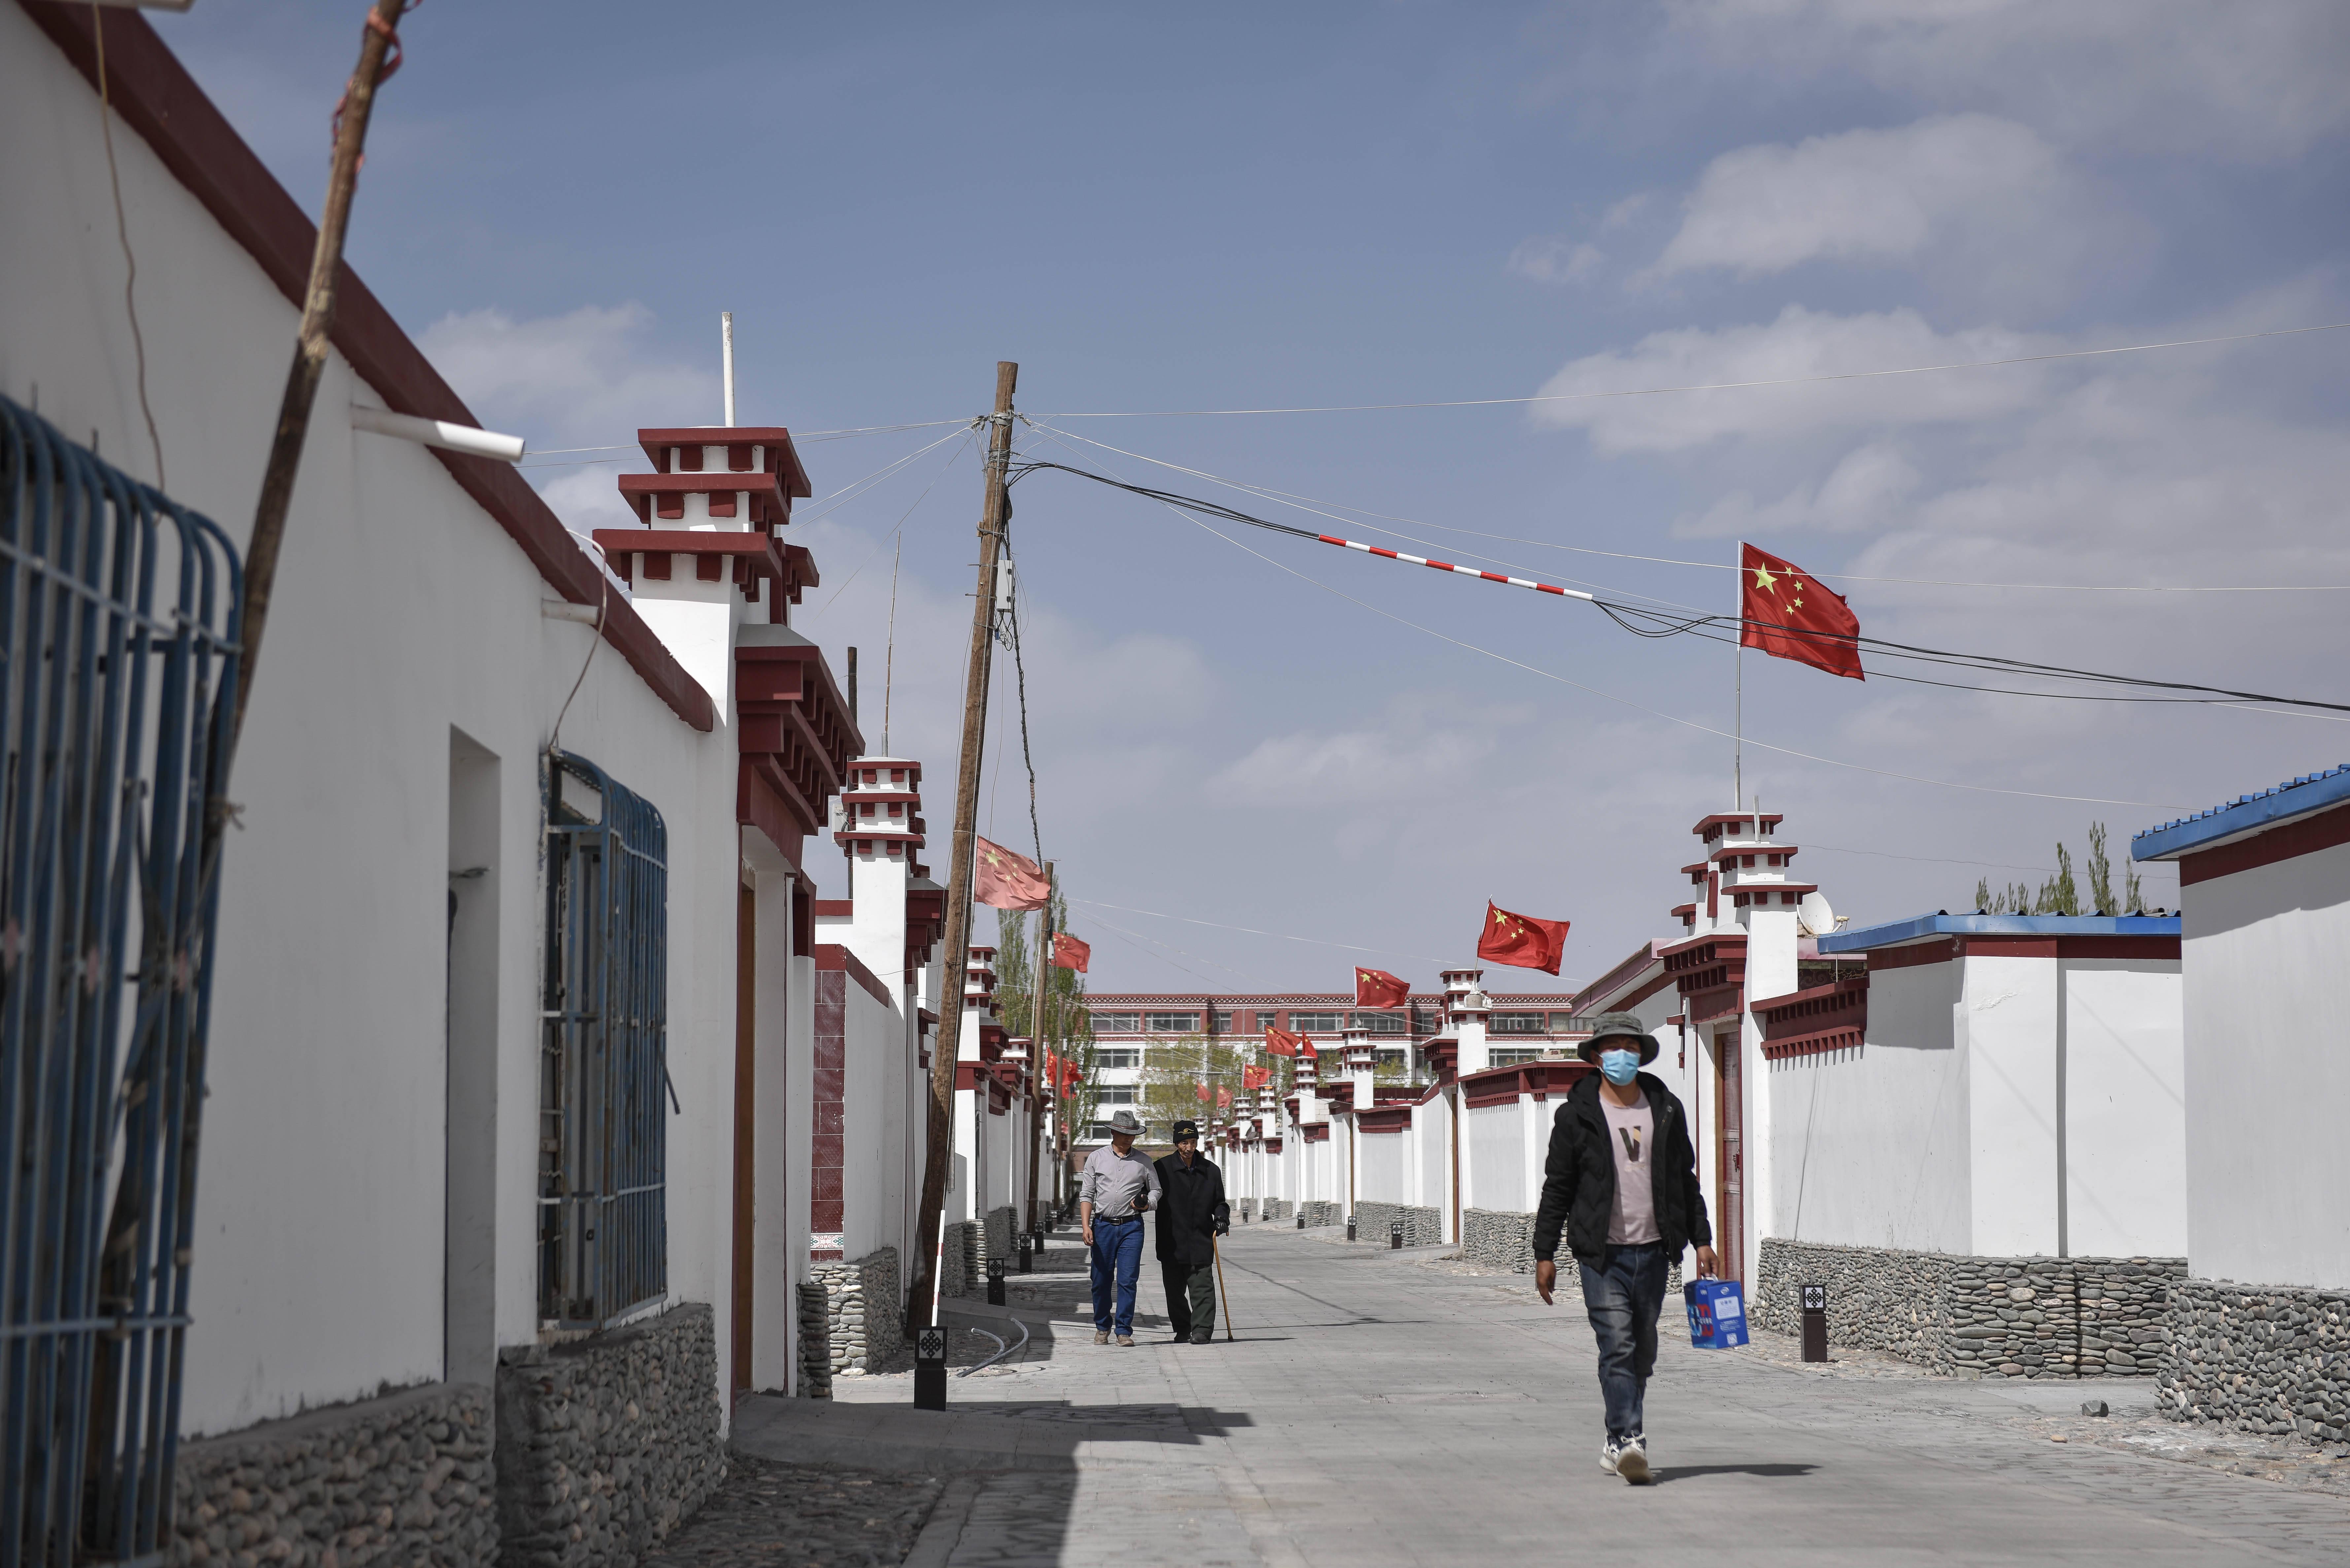 长江源村人的两个家和幸福梦――青海格尔木市长江源村脱贫调查